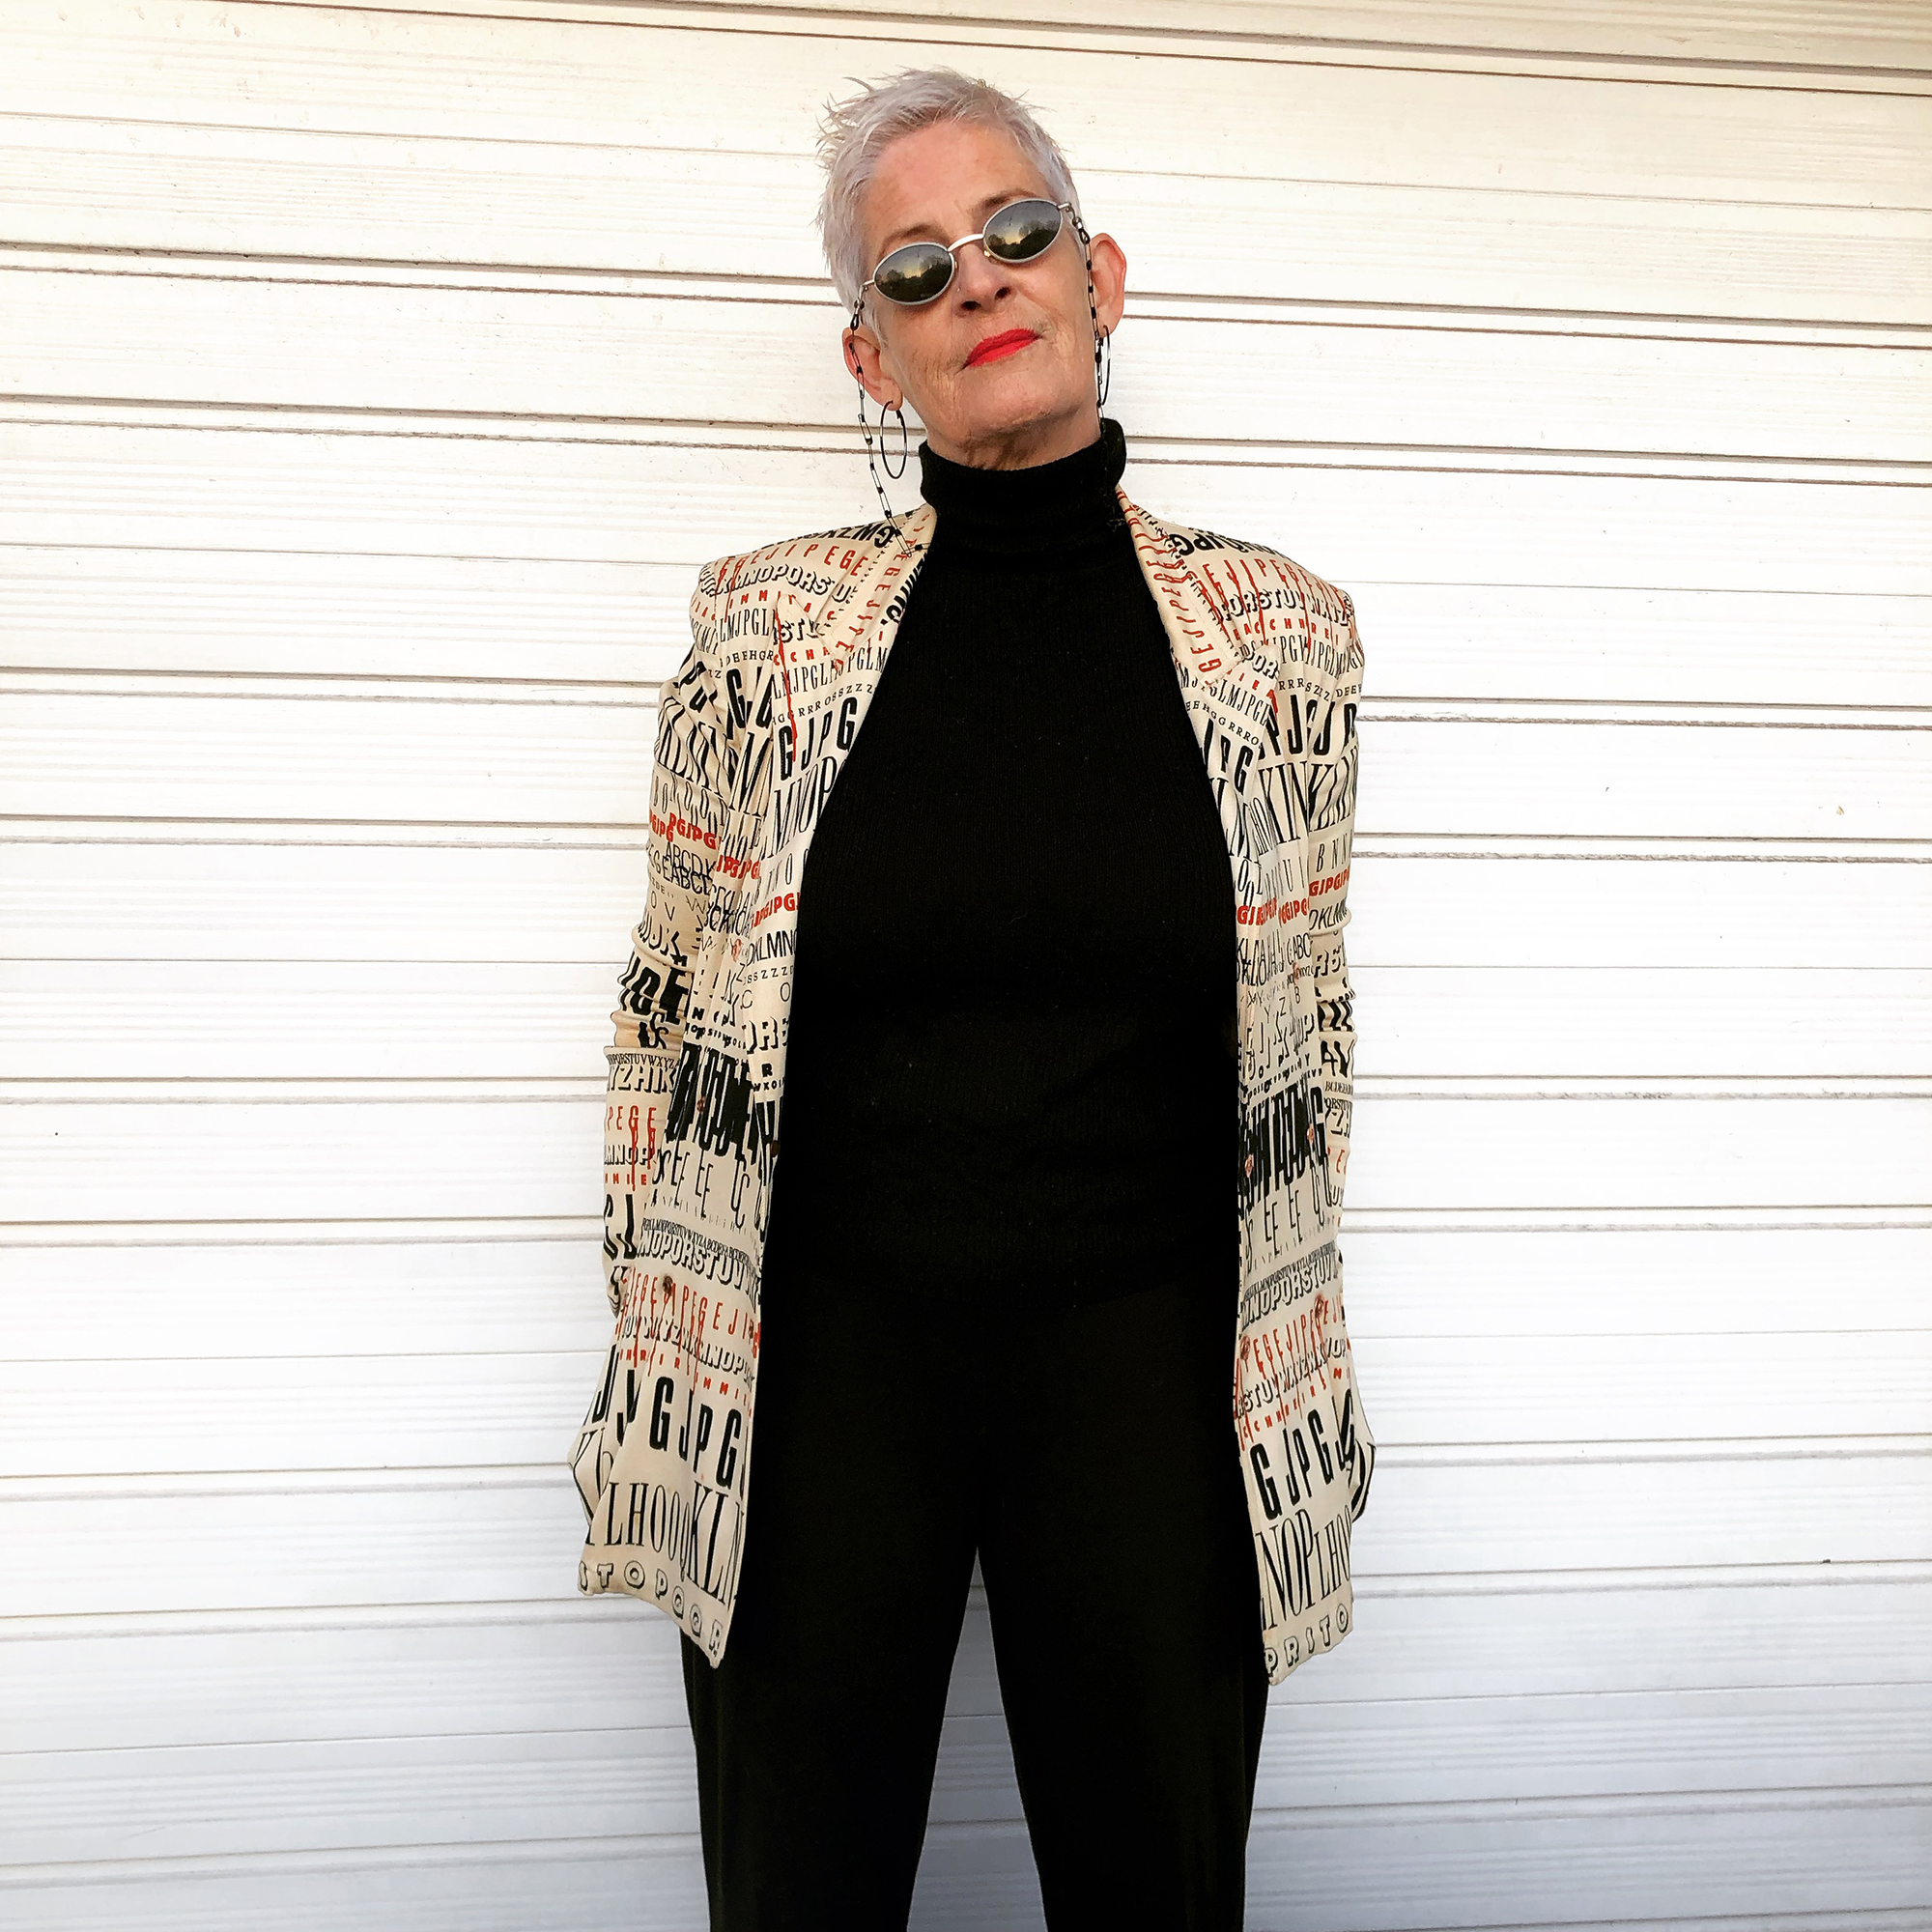 La cosa triste di guardarti diventare invisibile è che puoi iniziare a crederci - Jane Evans, fondatrice di The Uninvisibility Project, un'iniziativa che sensibilizza e contrasta la pressione sociale che esilia nel dimenticatoio le donne che invecchiano